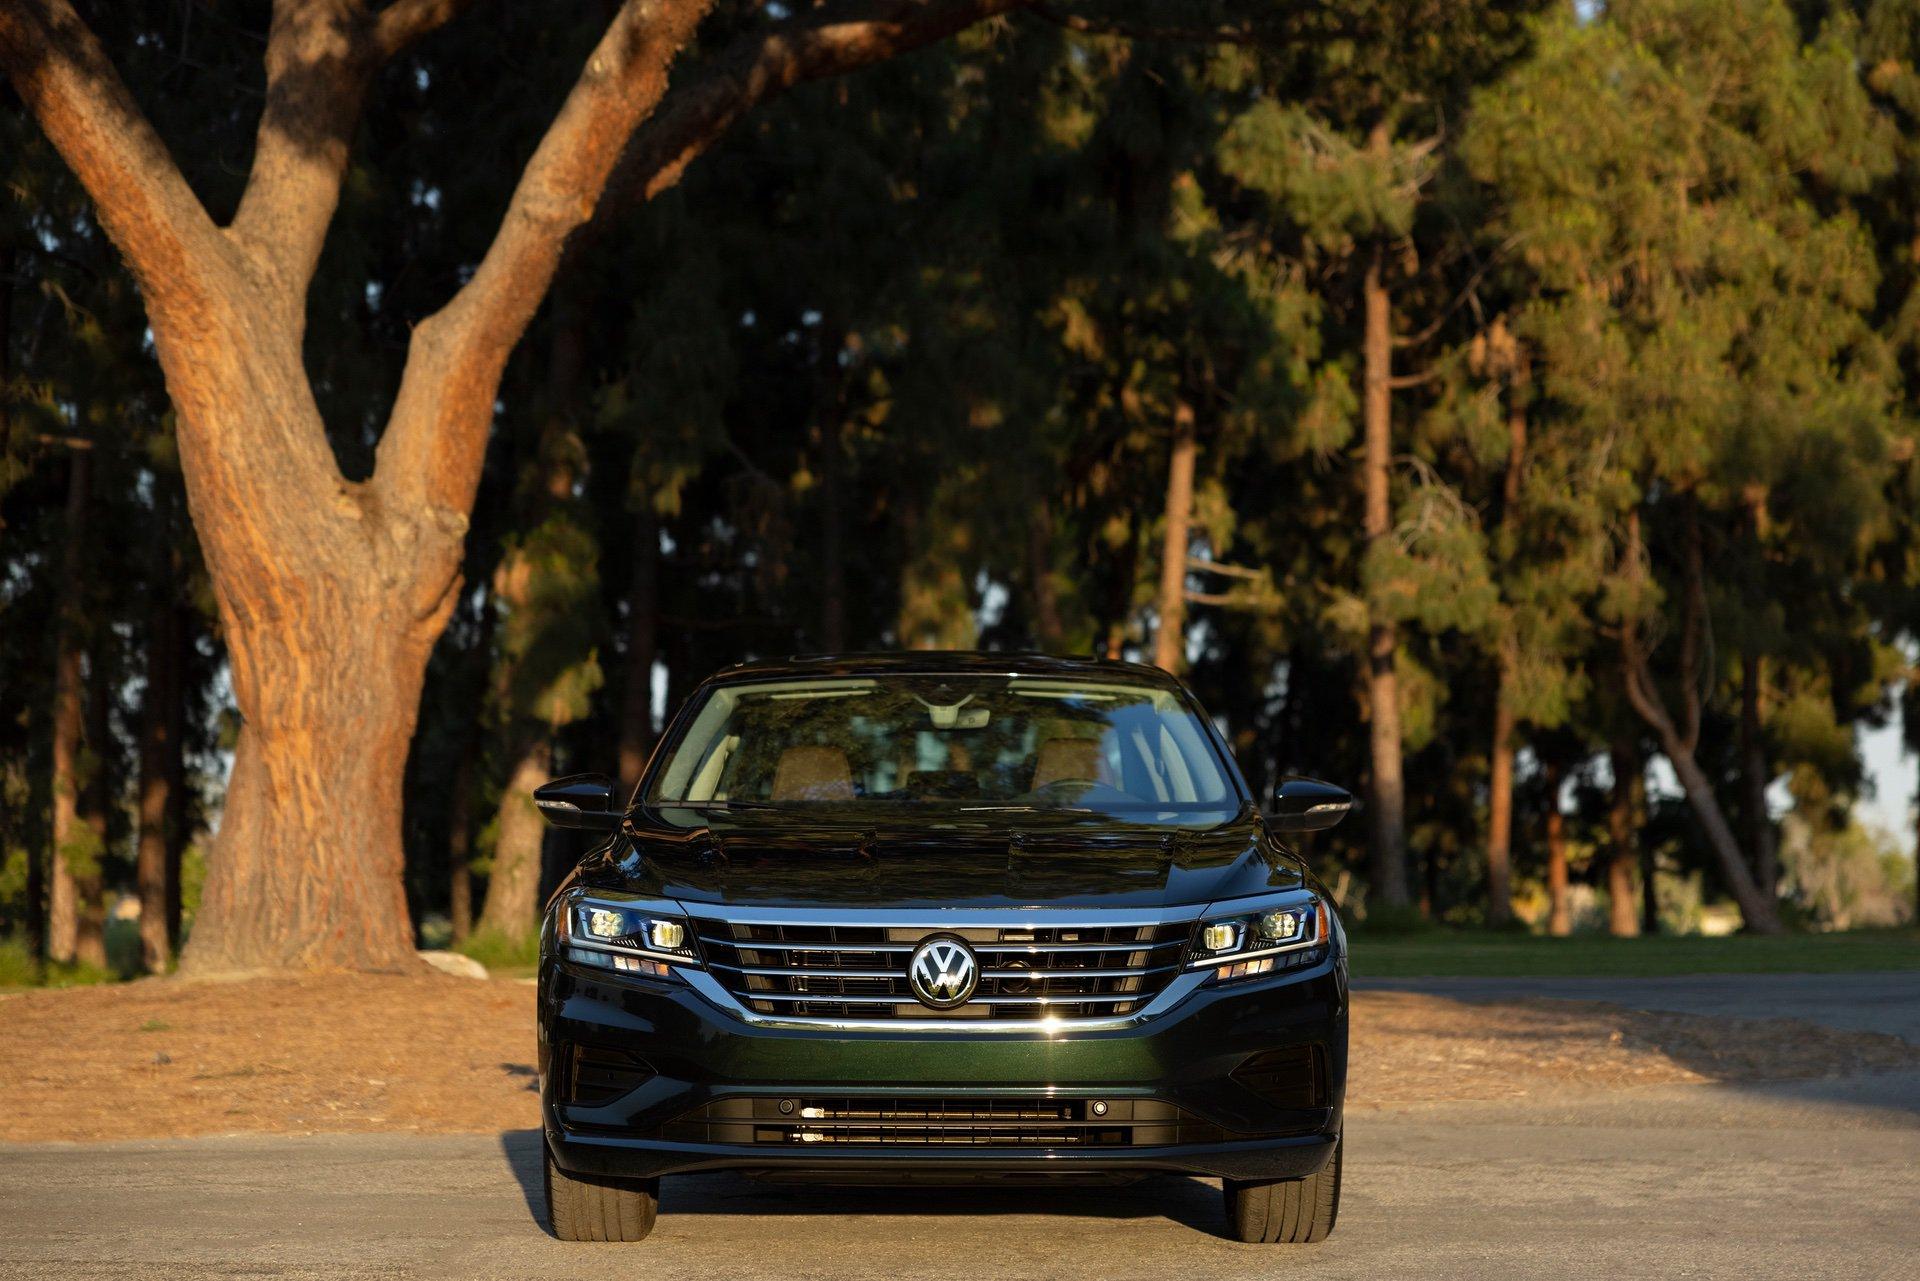 VW_Passat_Limited_Edition_US_spec-0002